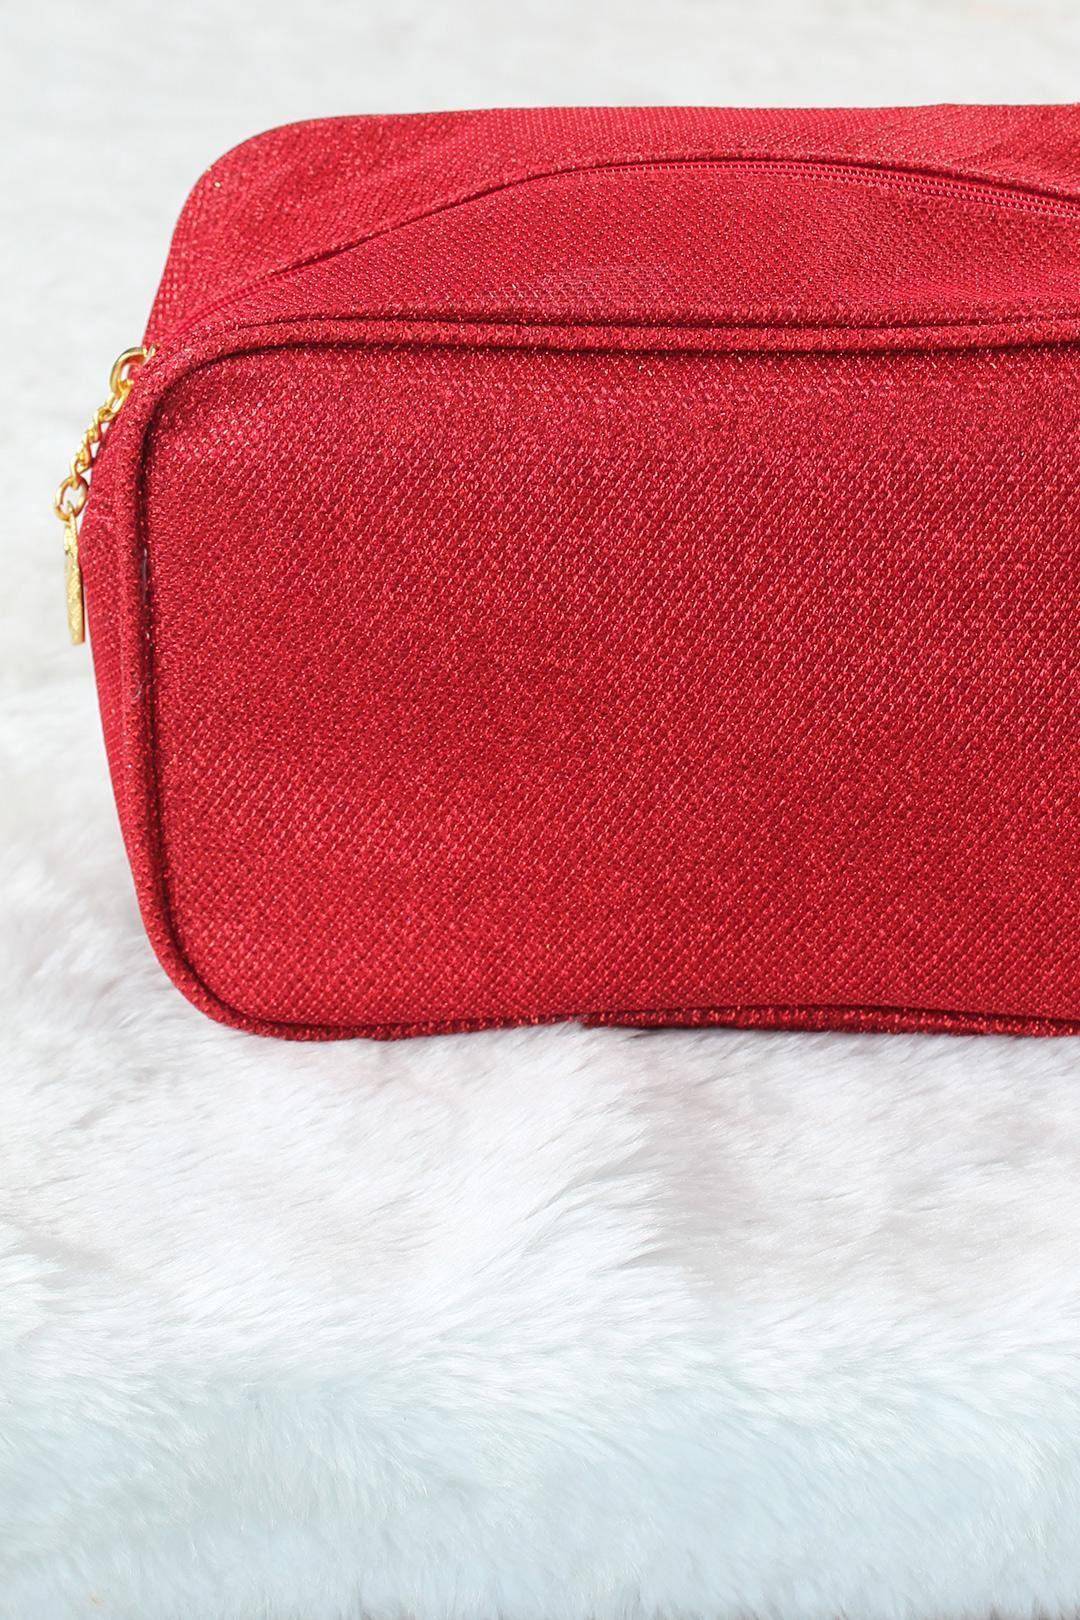 Simli Kırmızı Renk Kare Form Makyaj Çantası